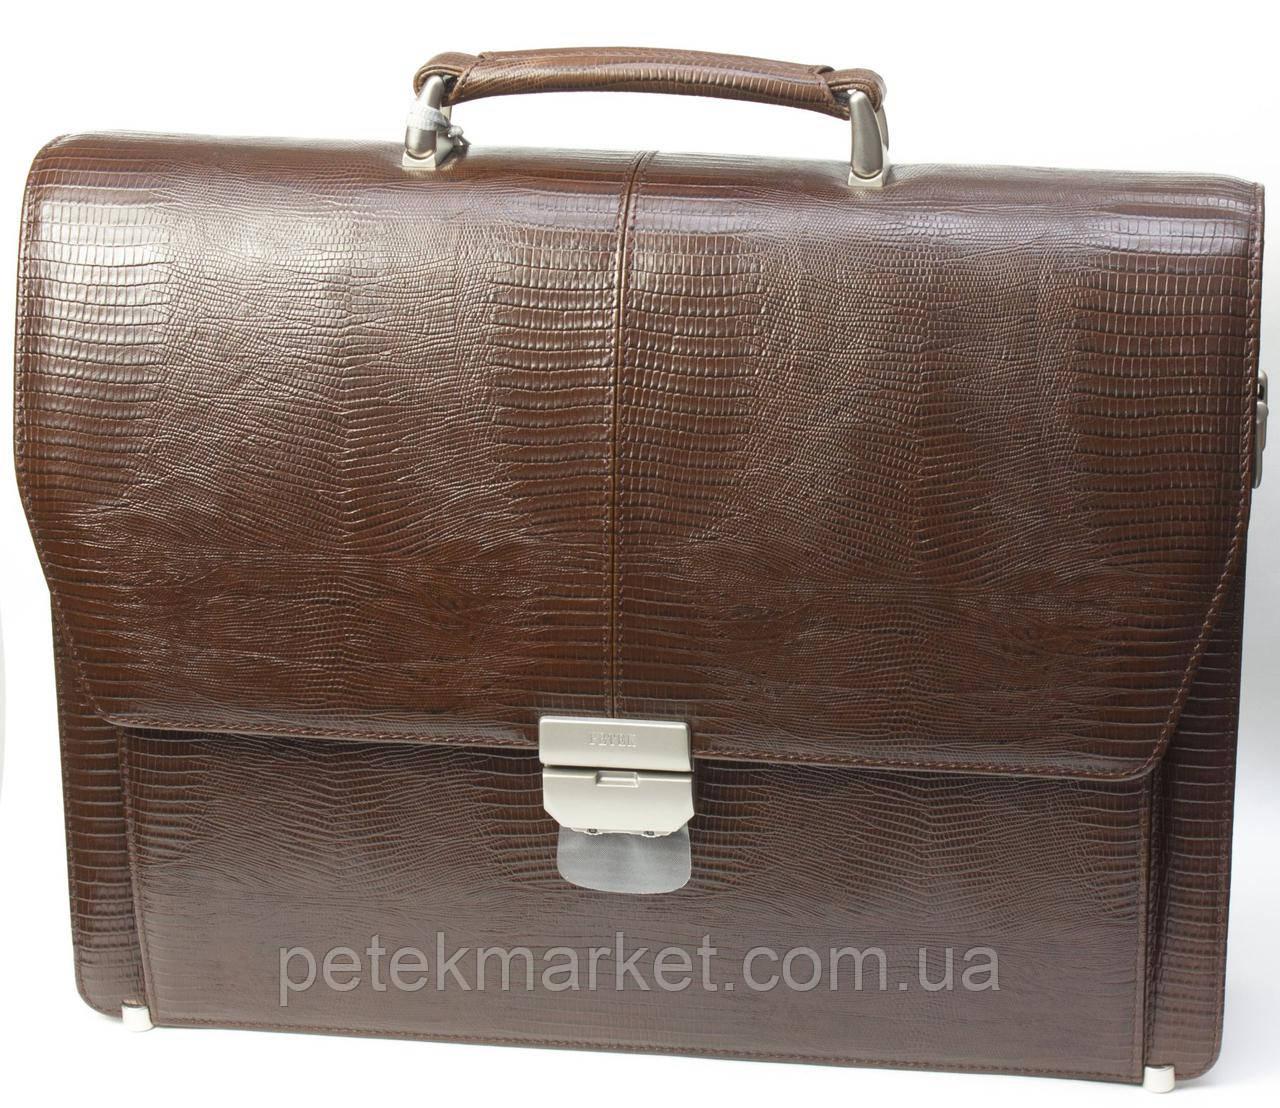 Портфель мужской Petek 799, Коричневый, Рептилия, Матовая